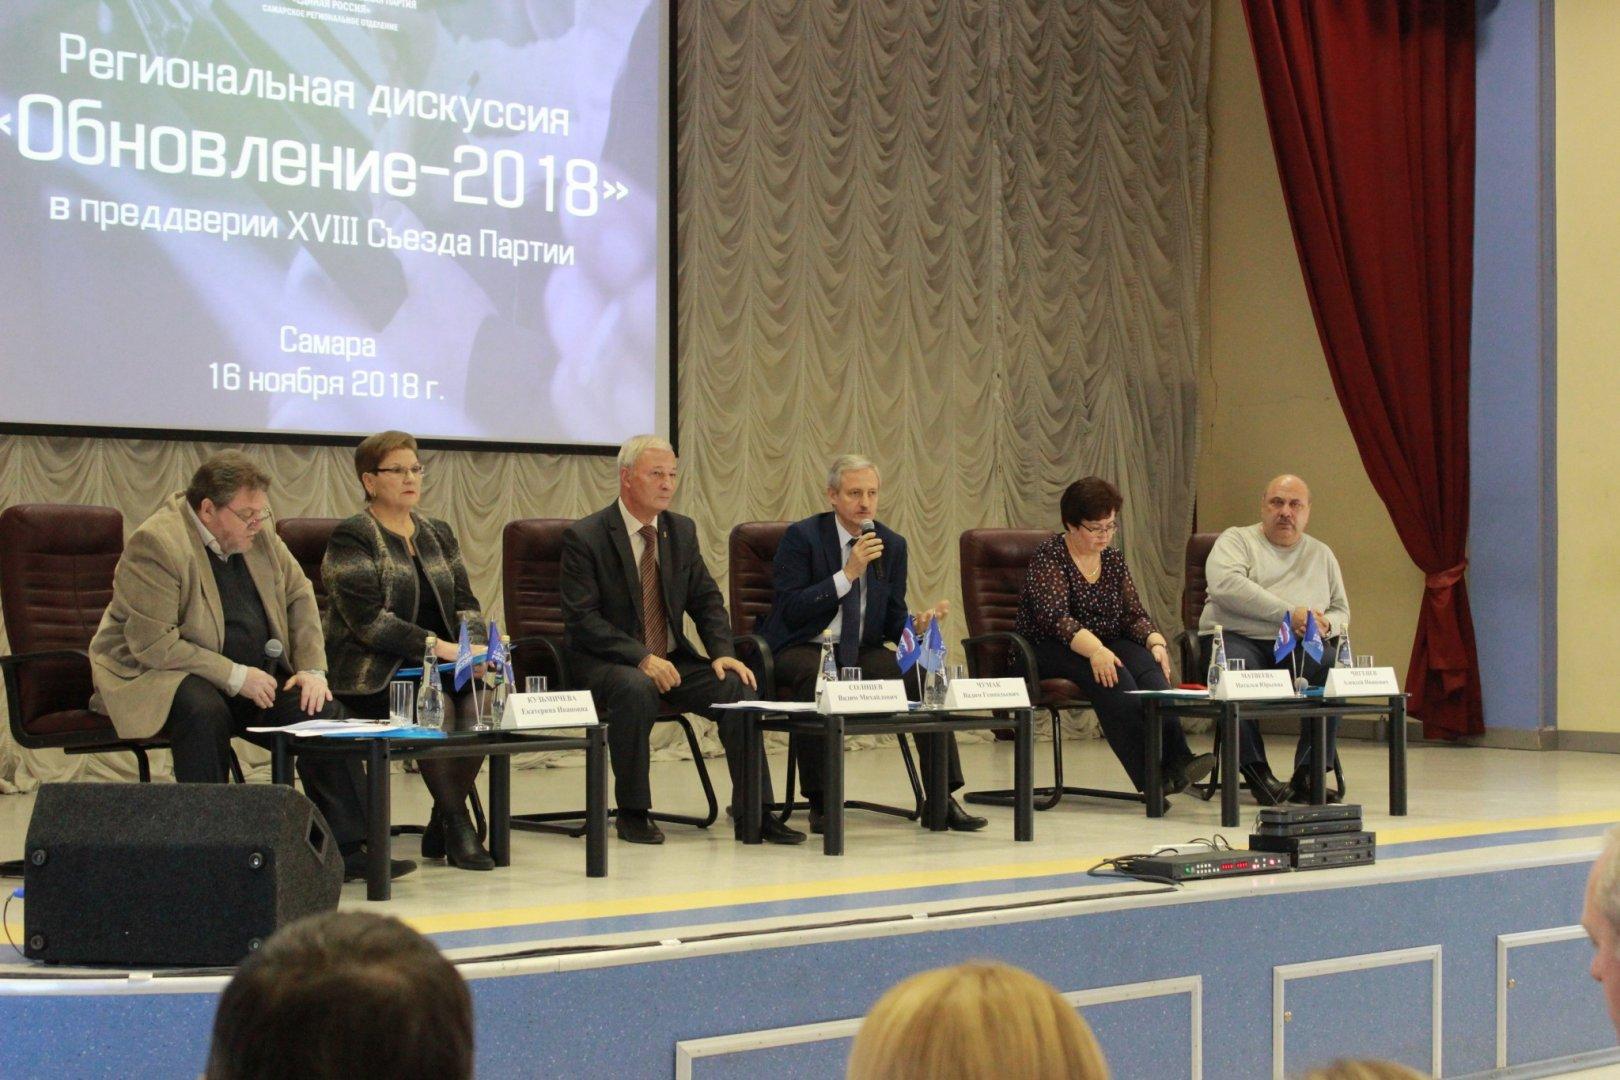 Региональная дискуссия «Обновление-2018»